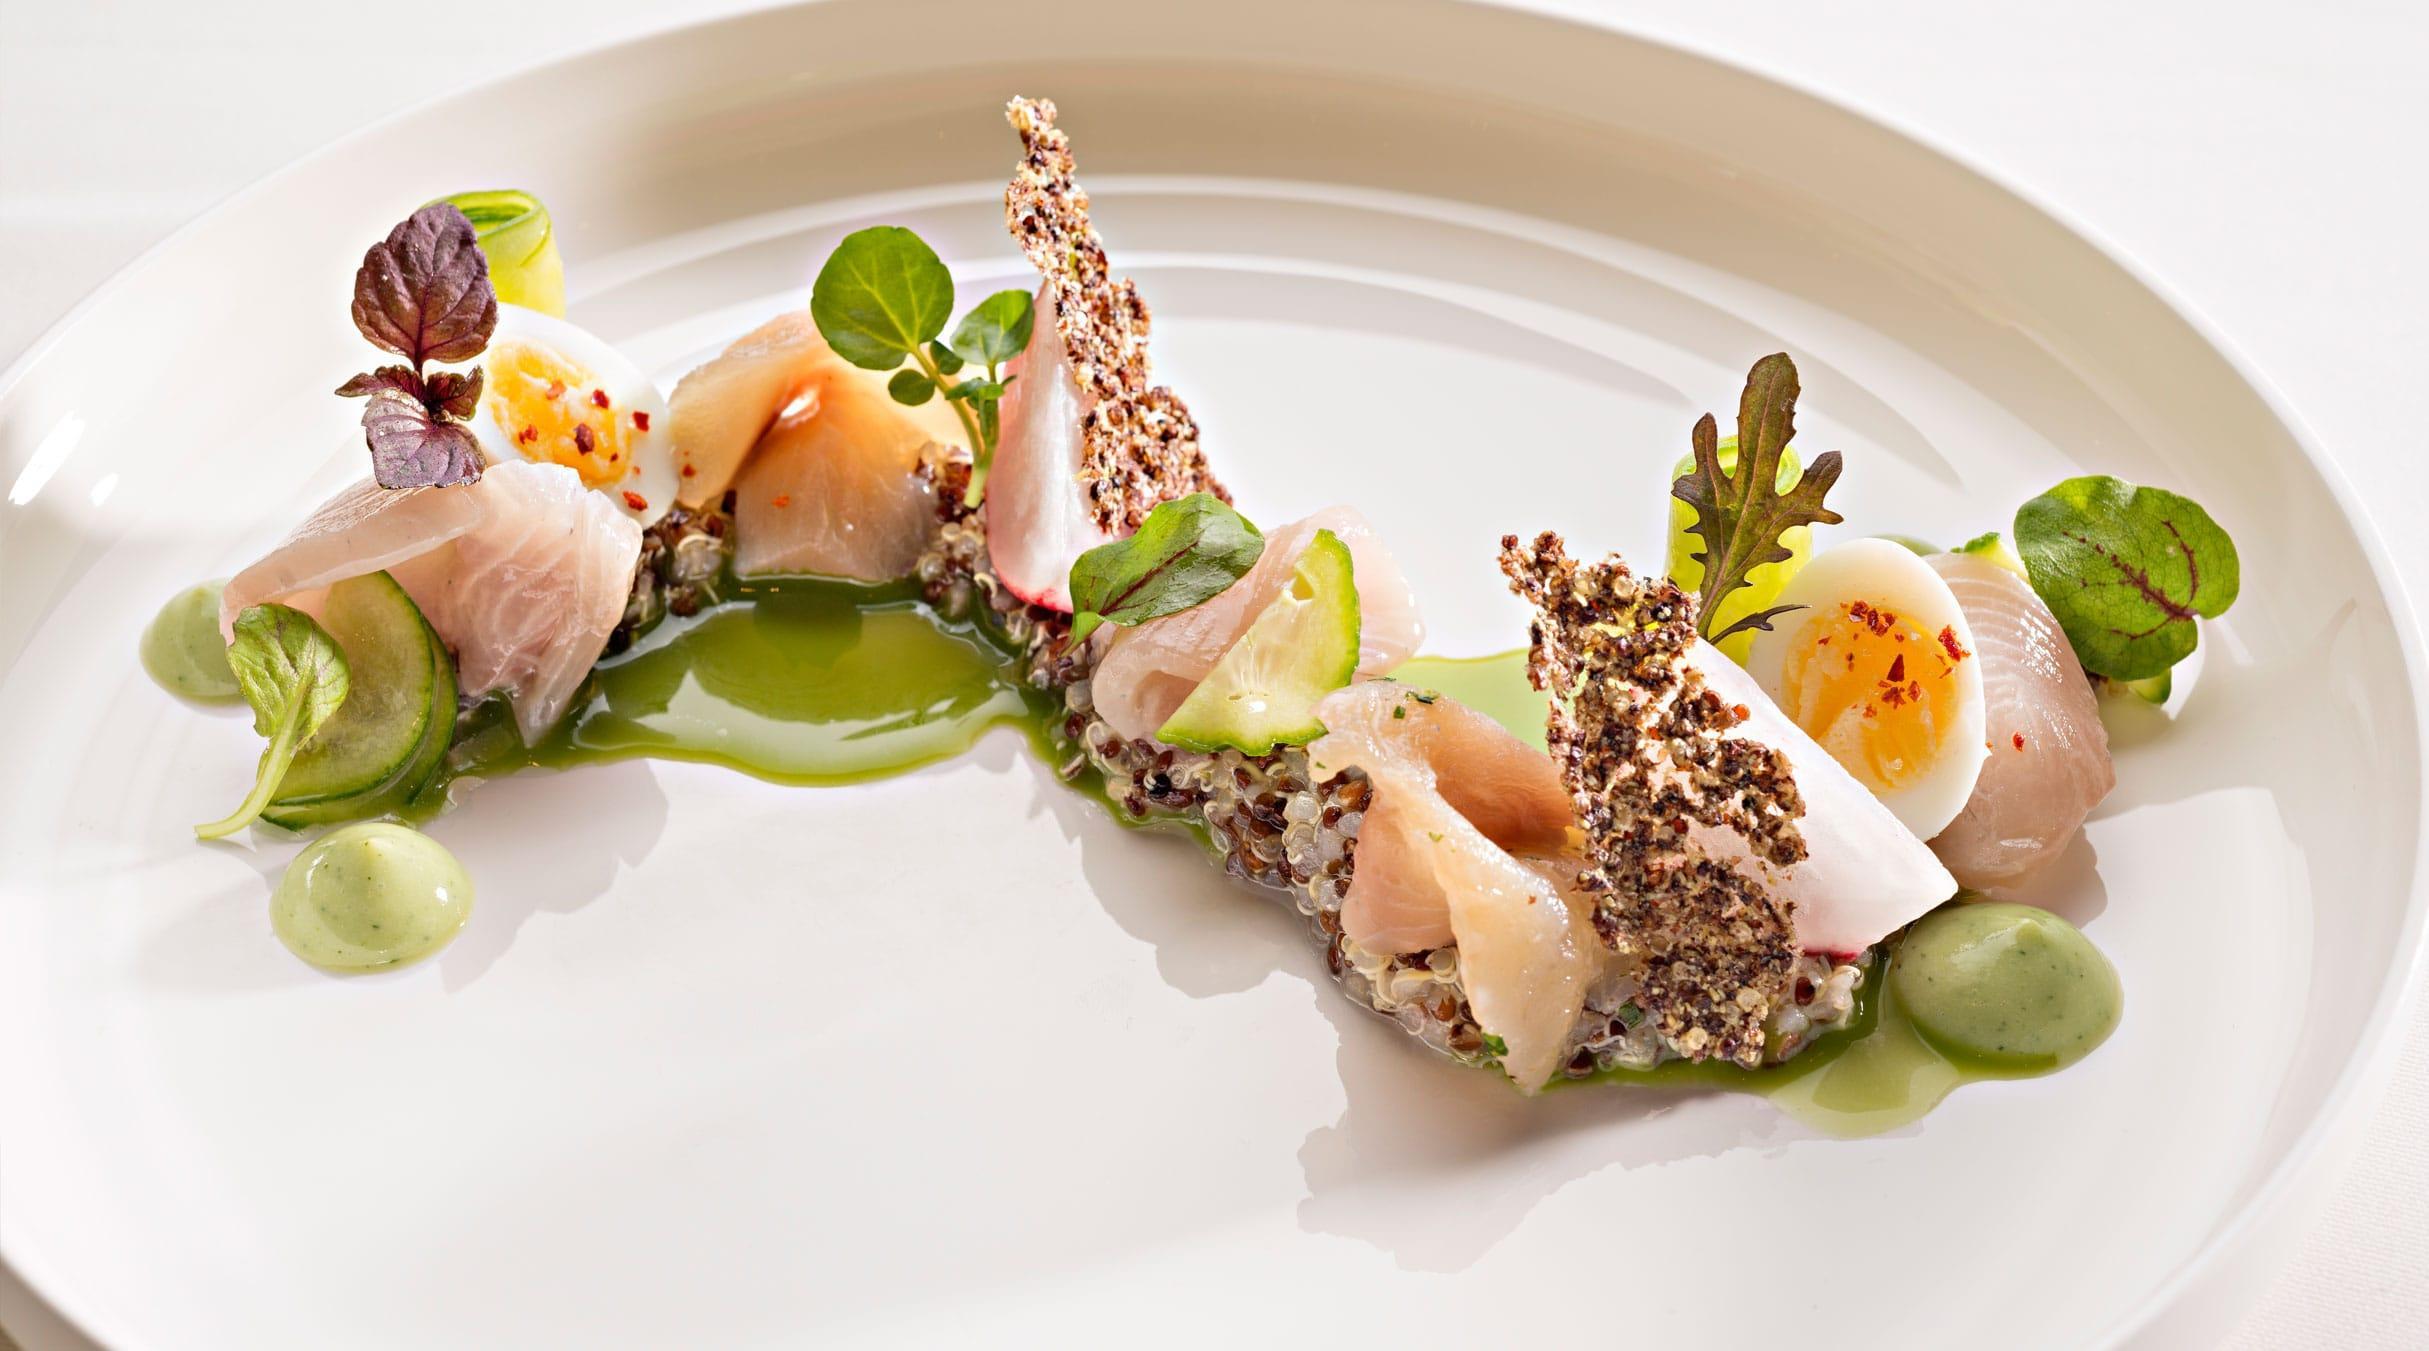 любовницу подача блюд европейских ресторанах фото направление группы